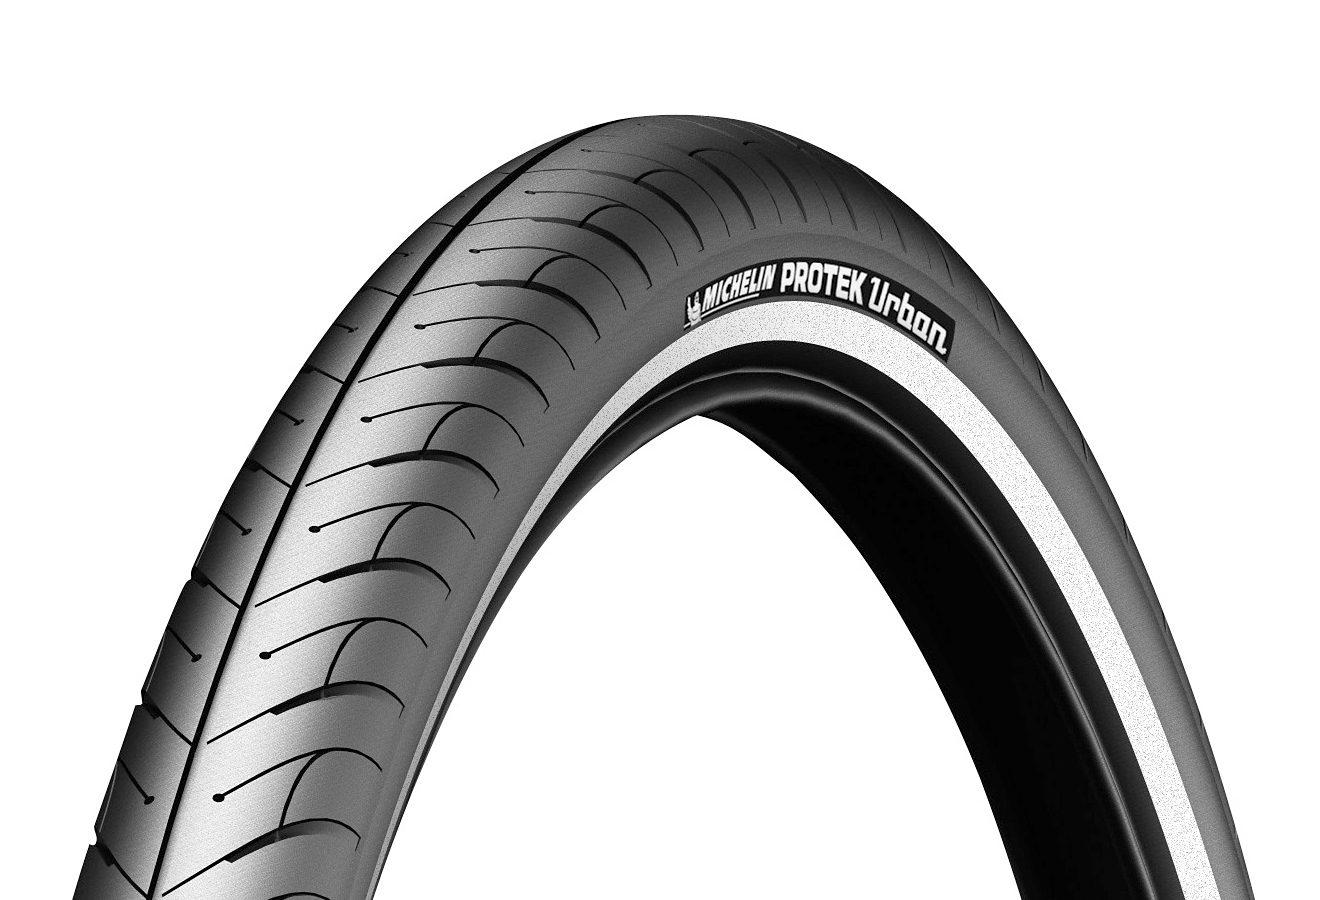 Michelin Fahrradreifen »Protek Urban Fahrradreifen 26 x 1.85 Reflex«